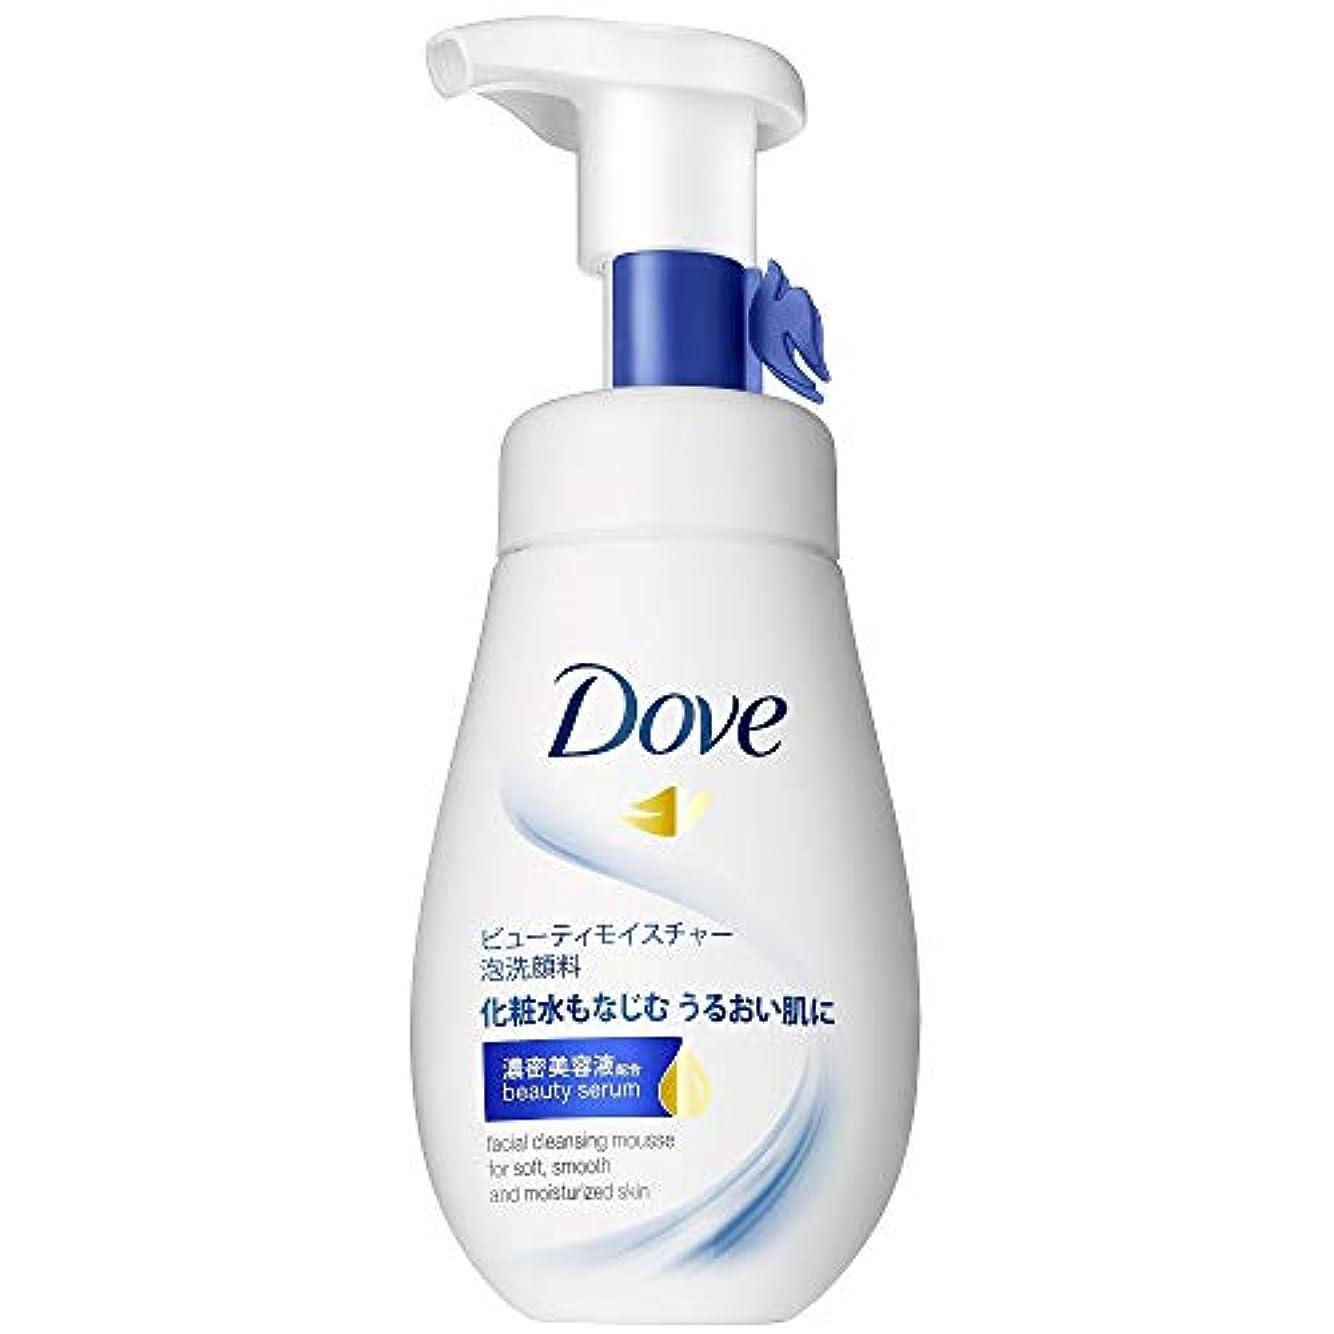 キャリアアンソロジーオーストラリア人ダウ゛ ビューティモイスチャー クリーミー泡洗顔料 160ml